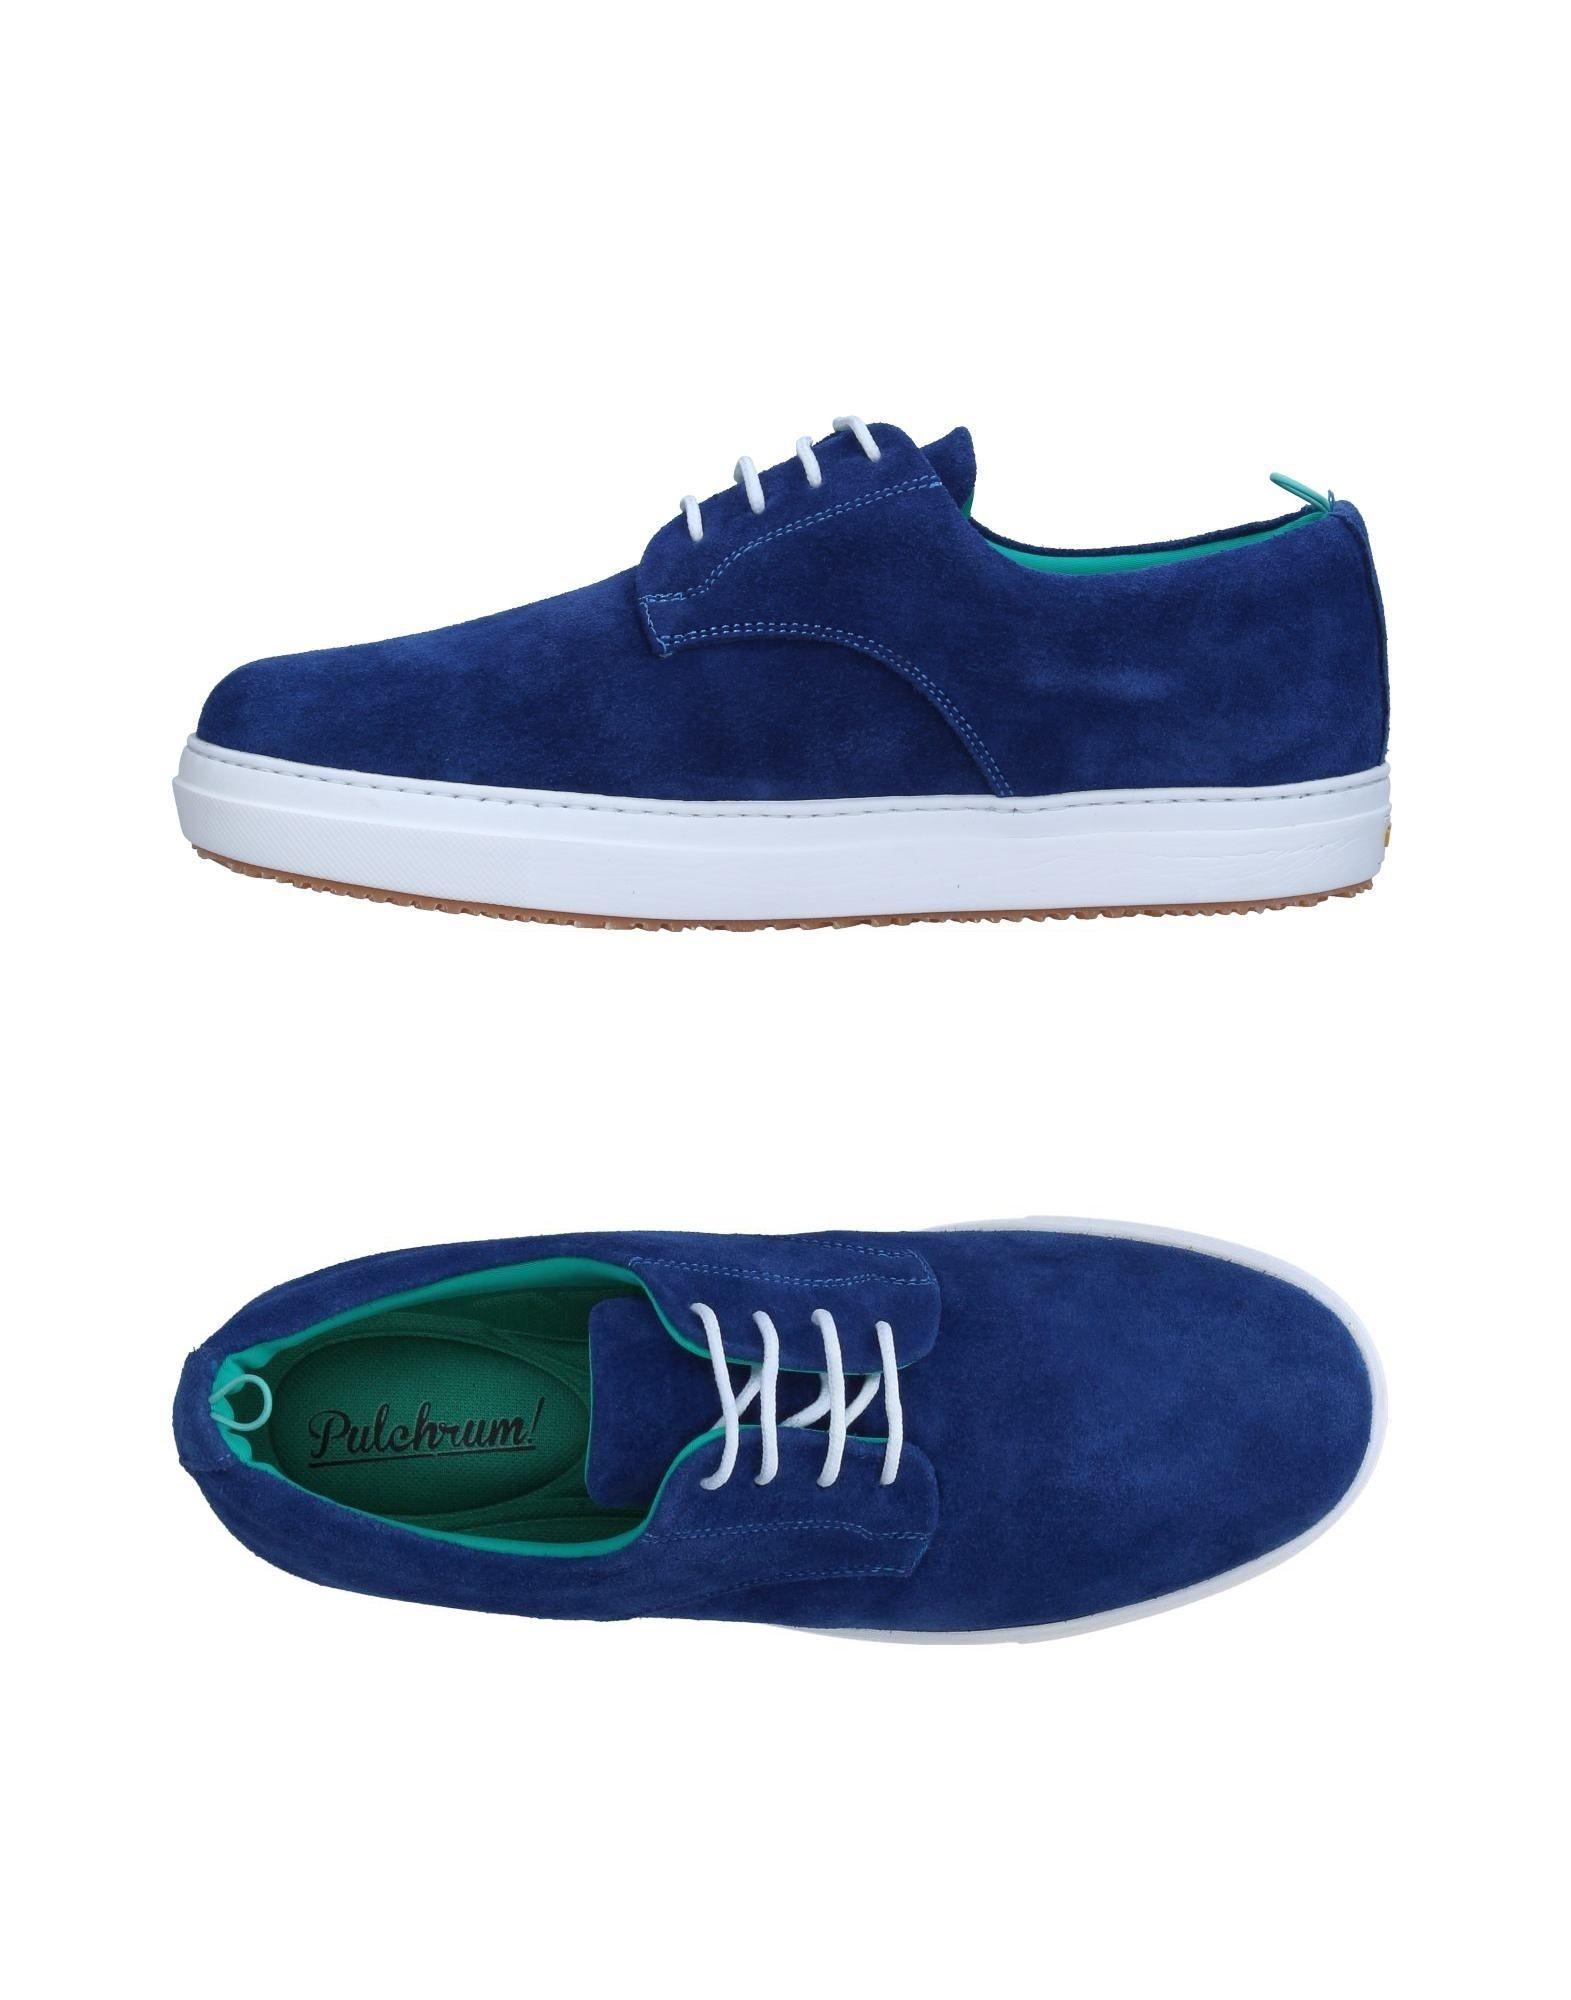 Sneakers Pulchrum! Uomo - Acquista online su